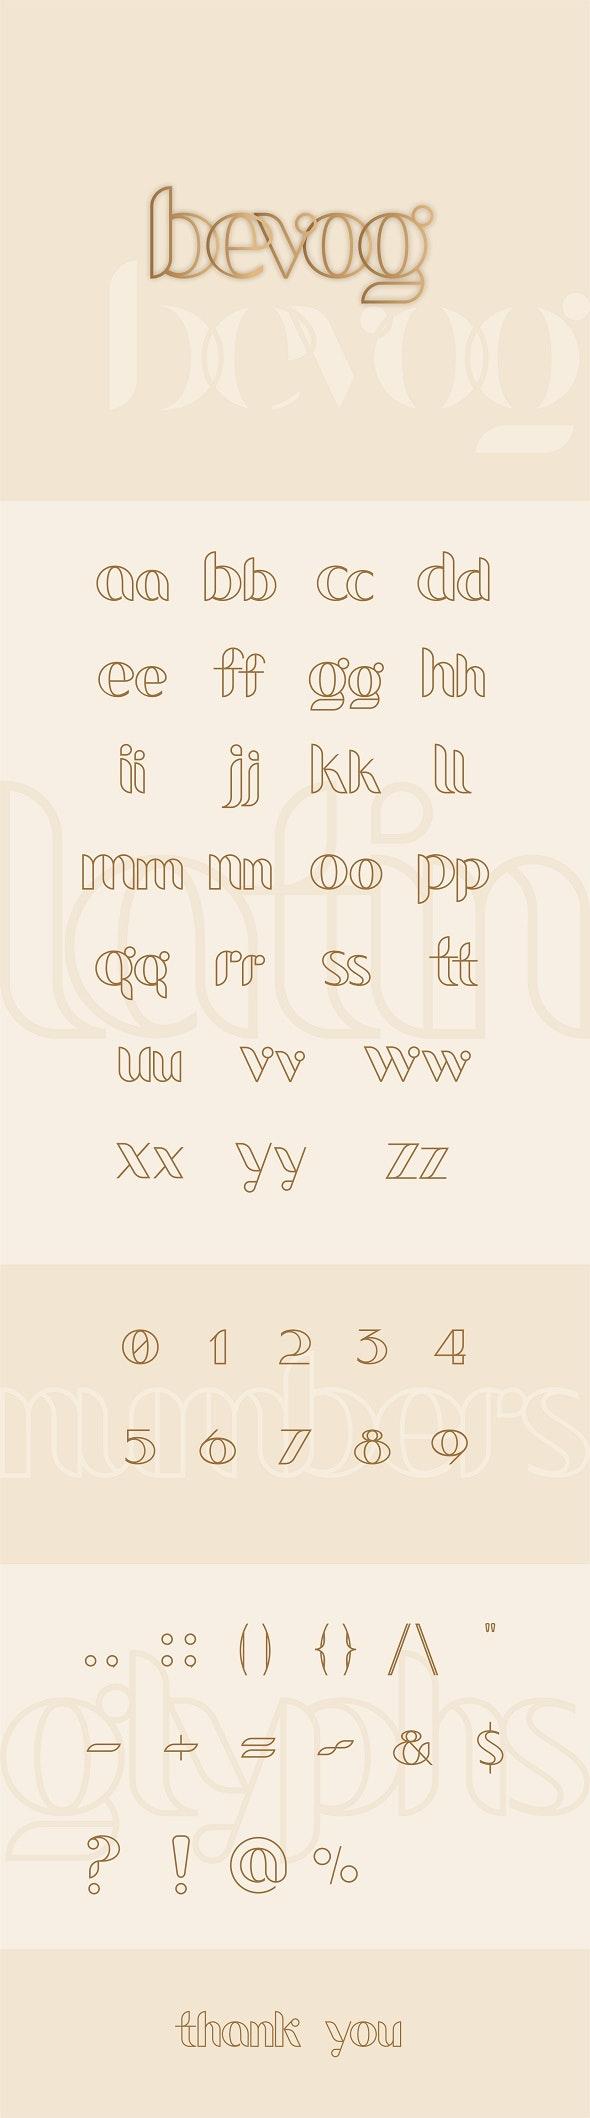 Bevog Font - Cool Fonts